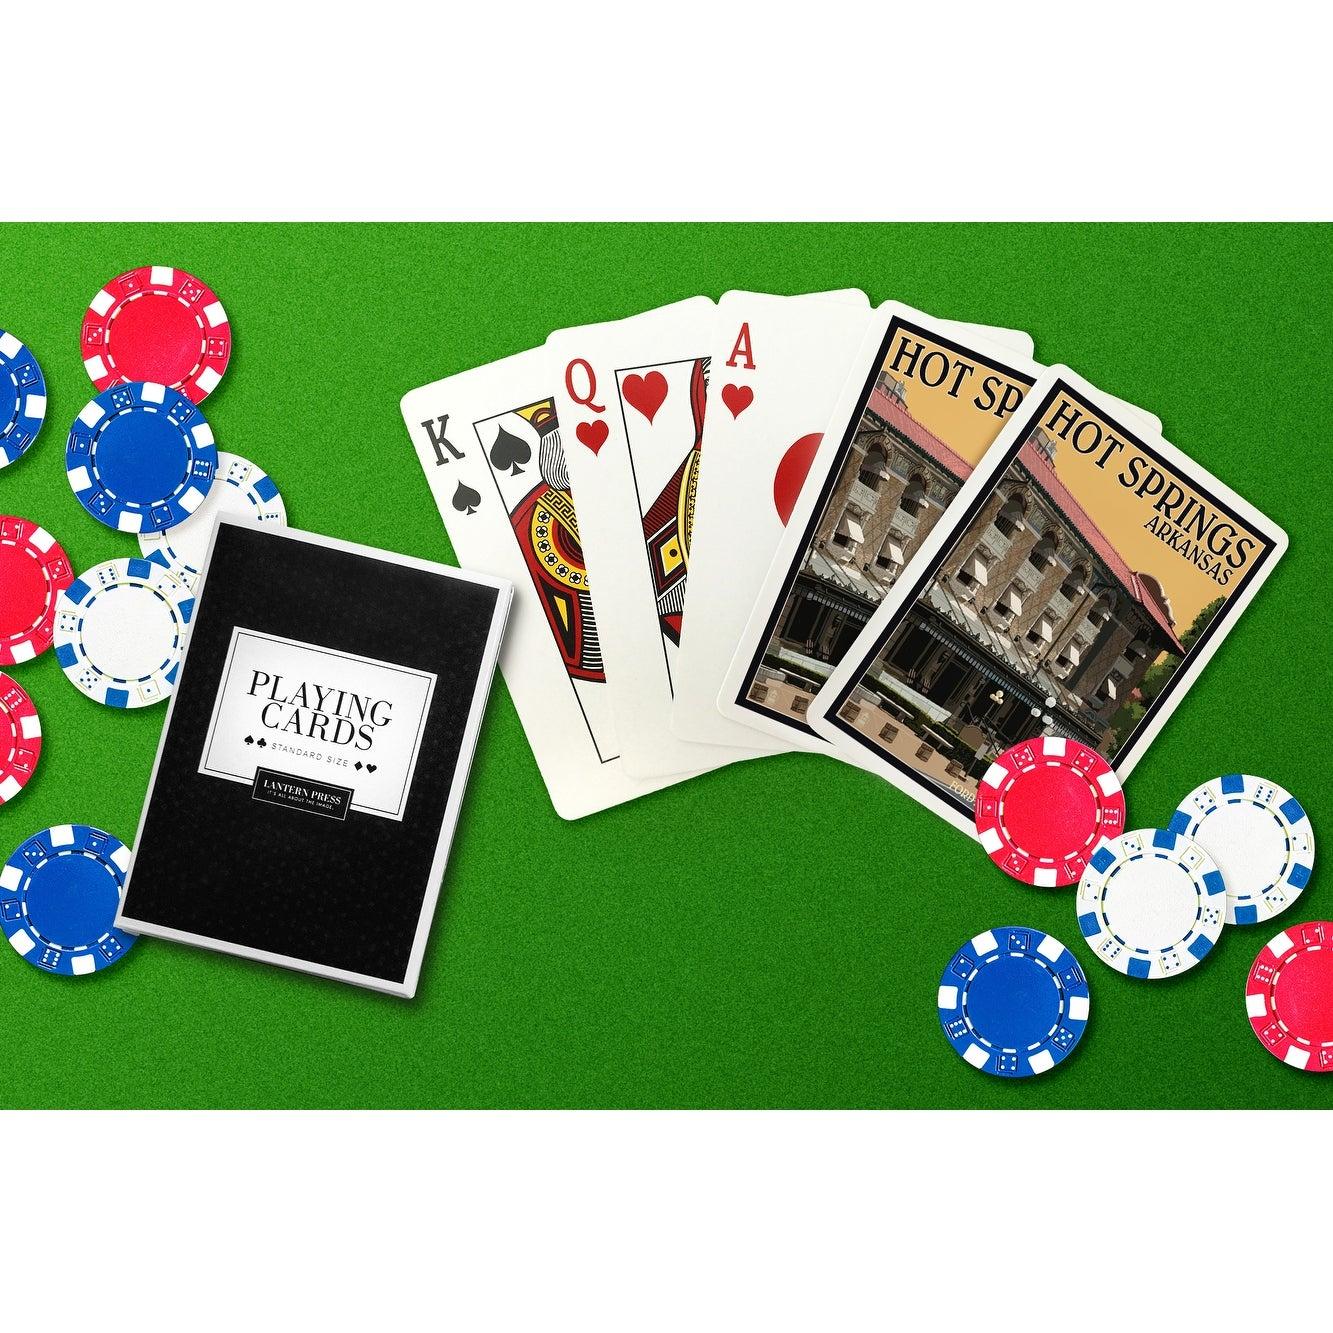 Pro gambling tips